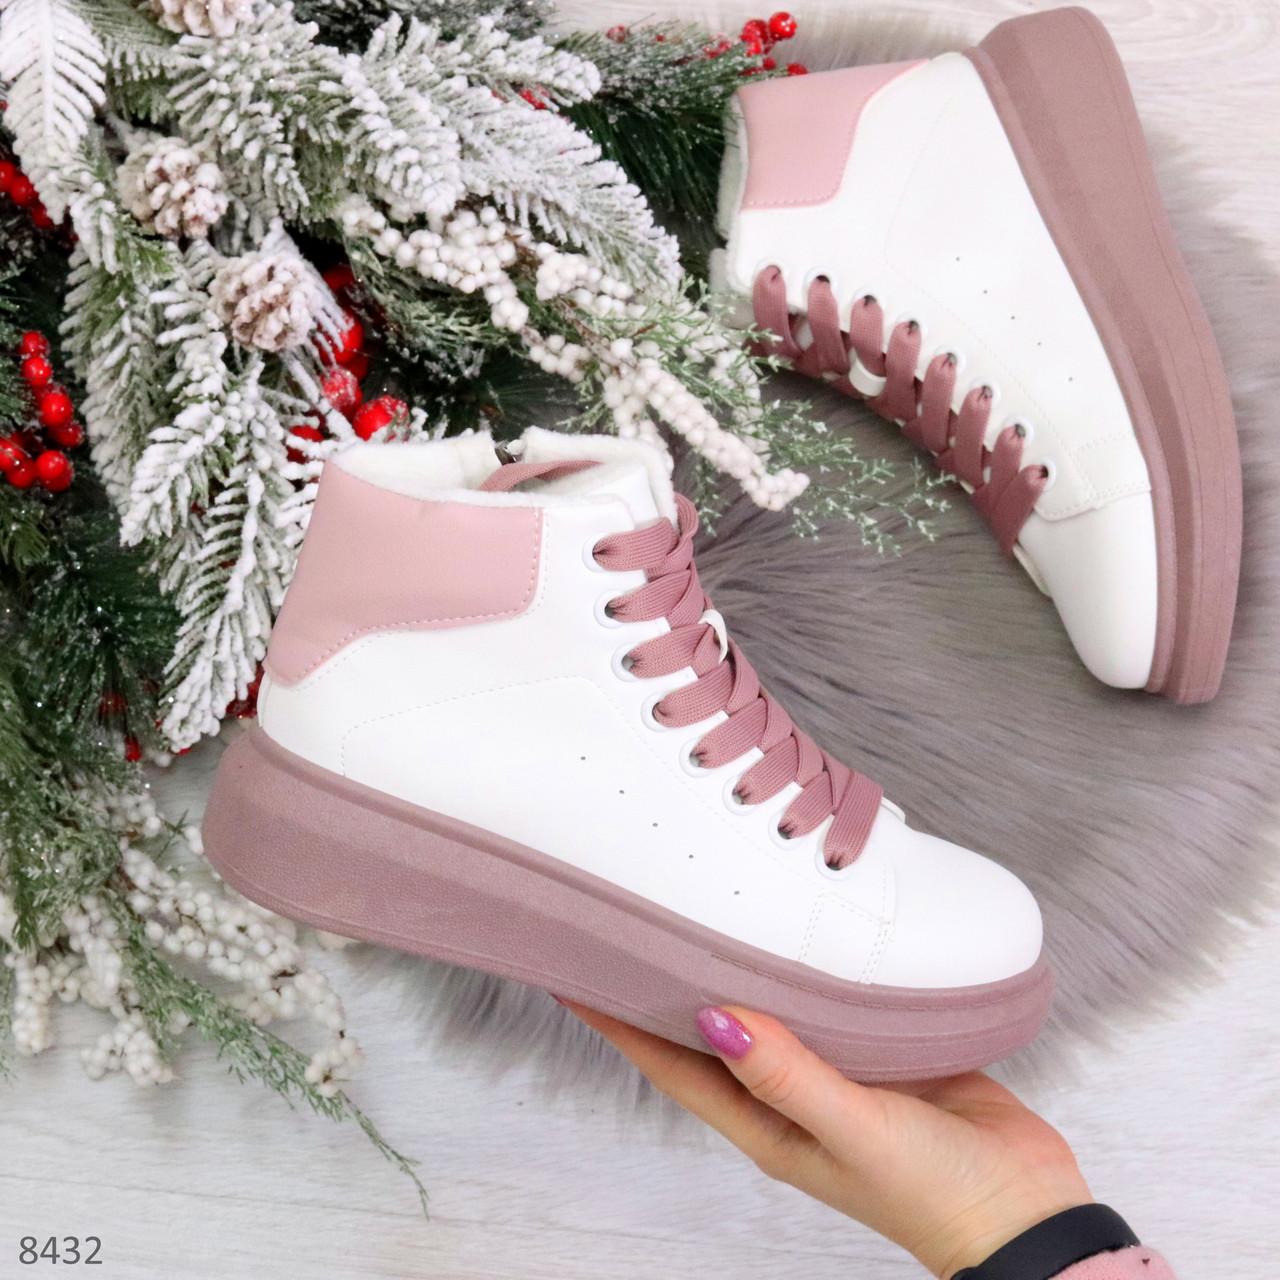 Модные высокие белые женские кроссовки кеды криперы на розовой шнуровке